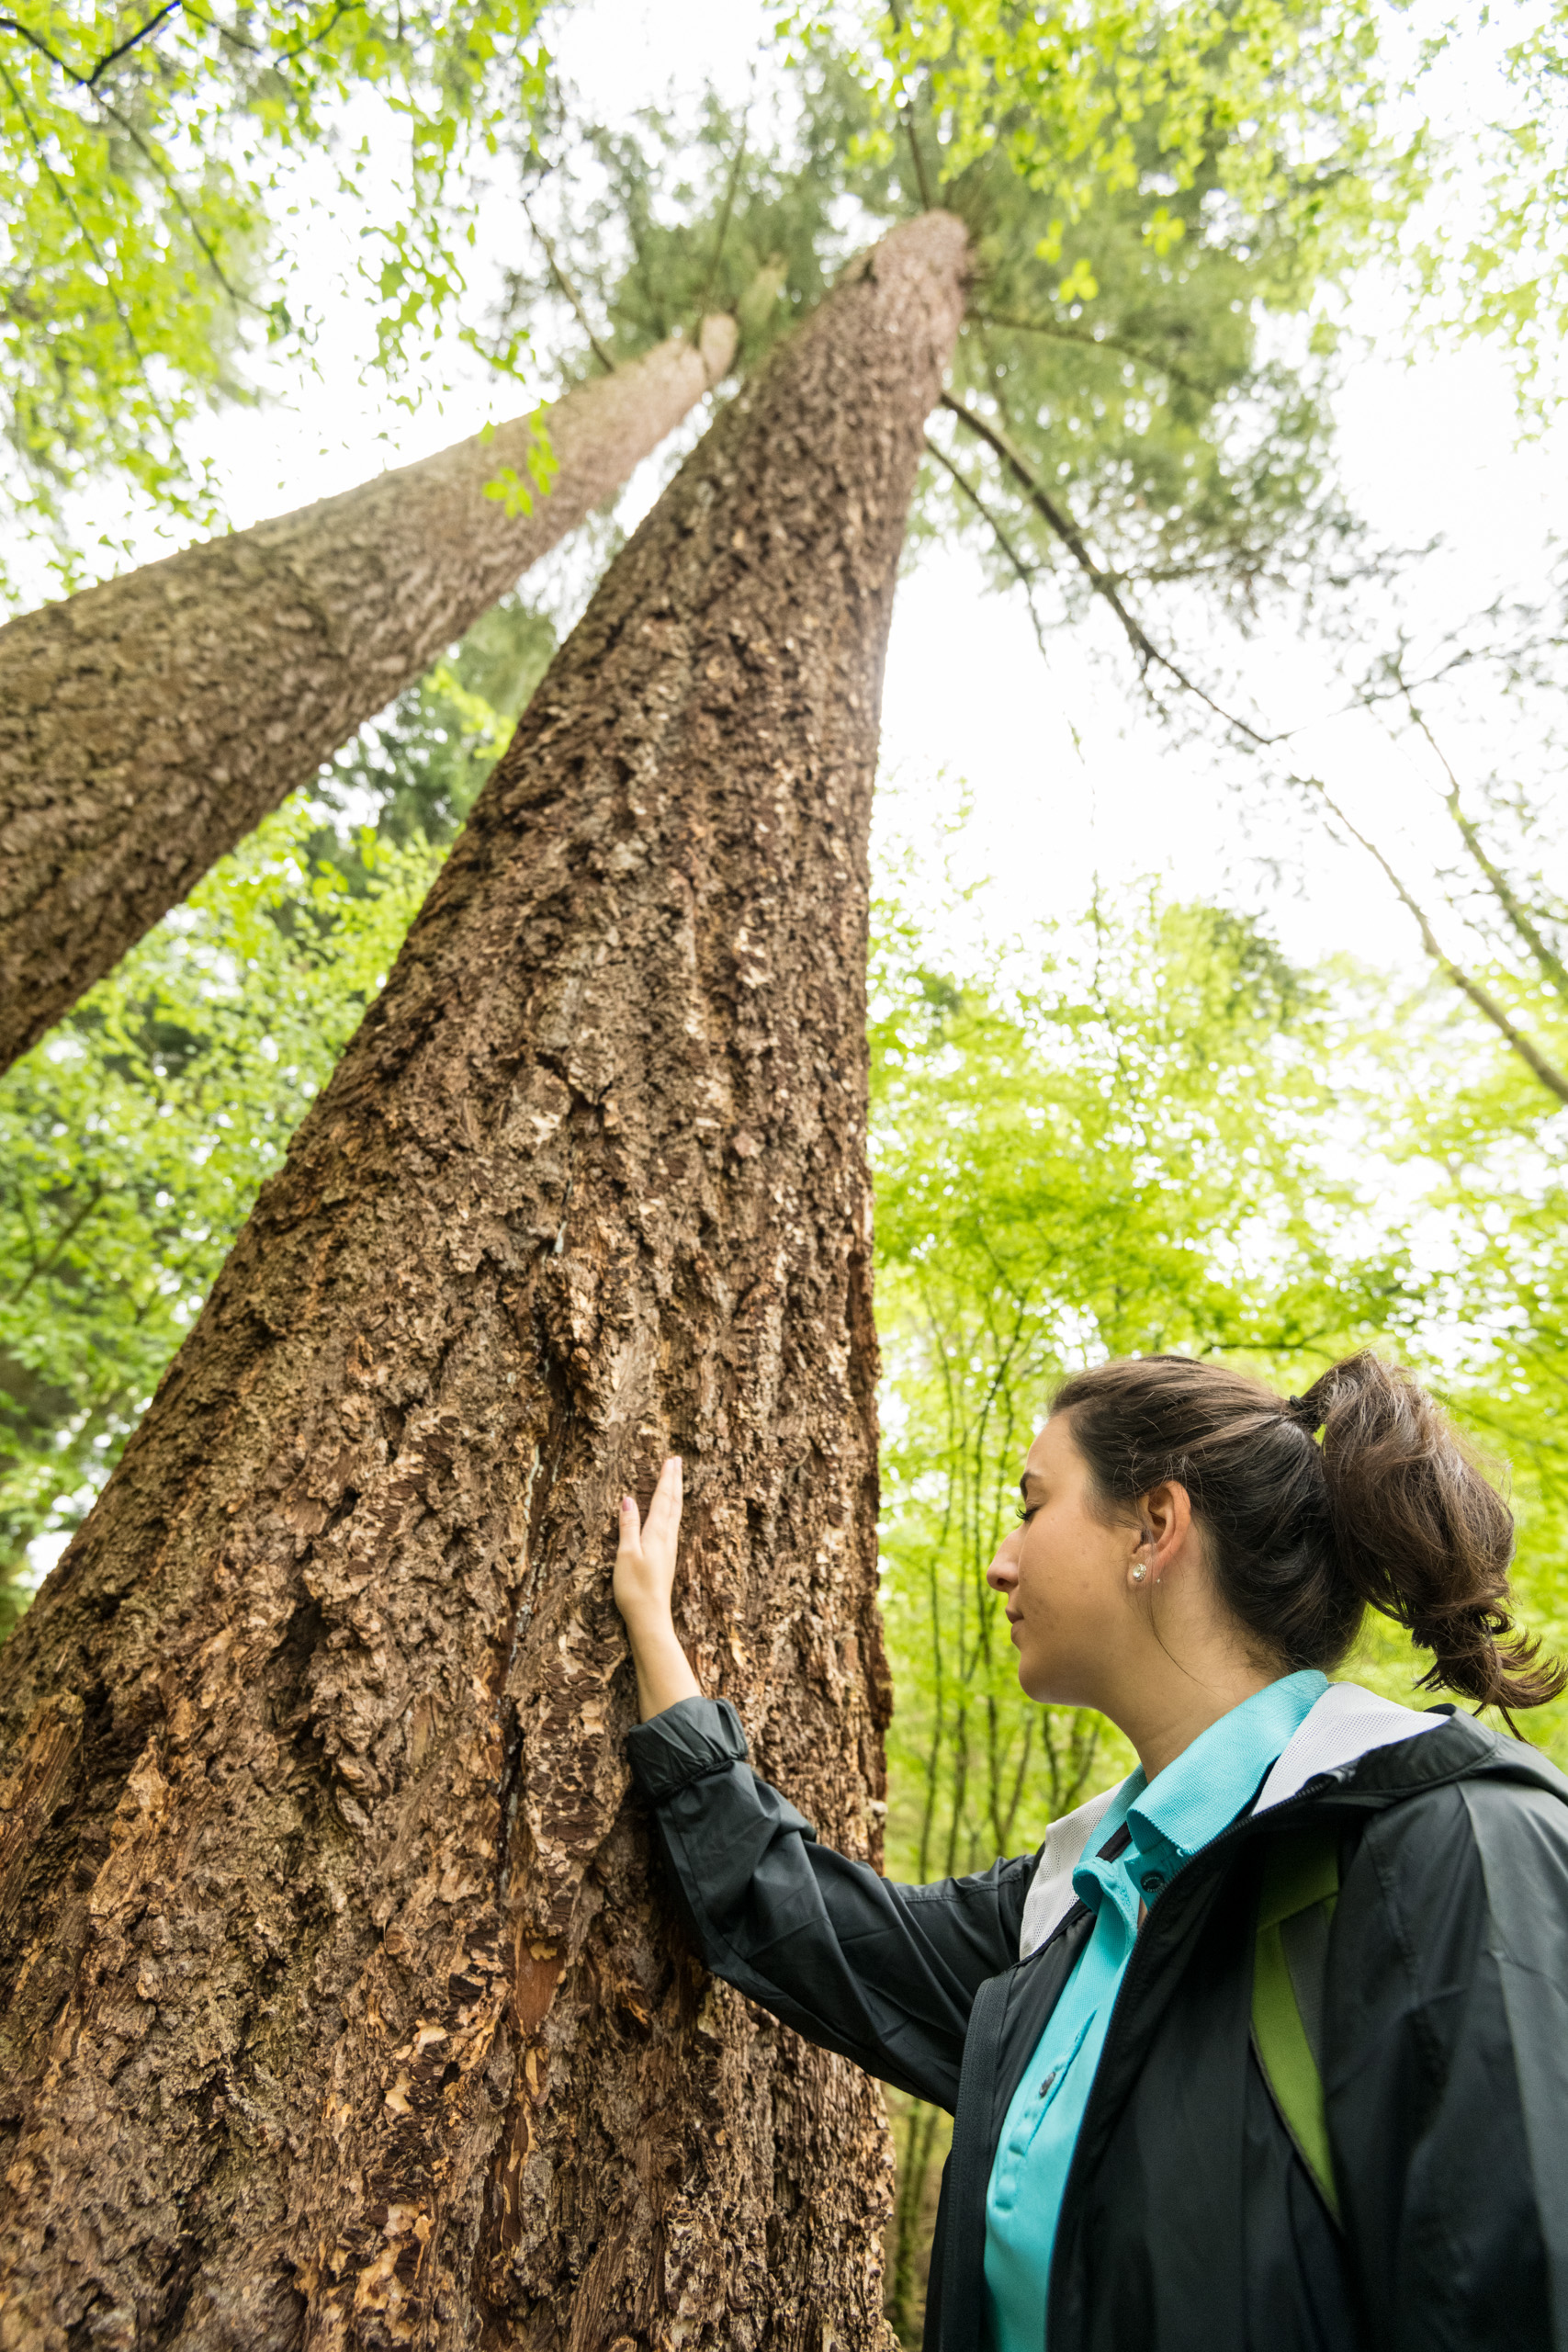 Berührung mit dem Baum